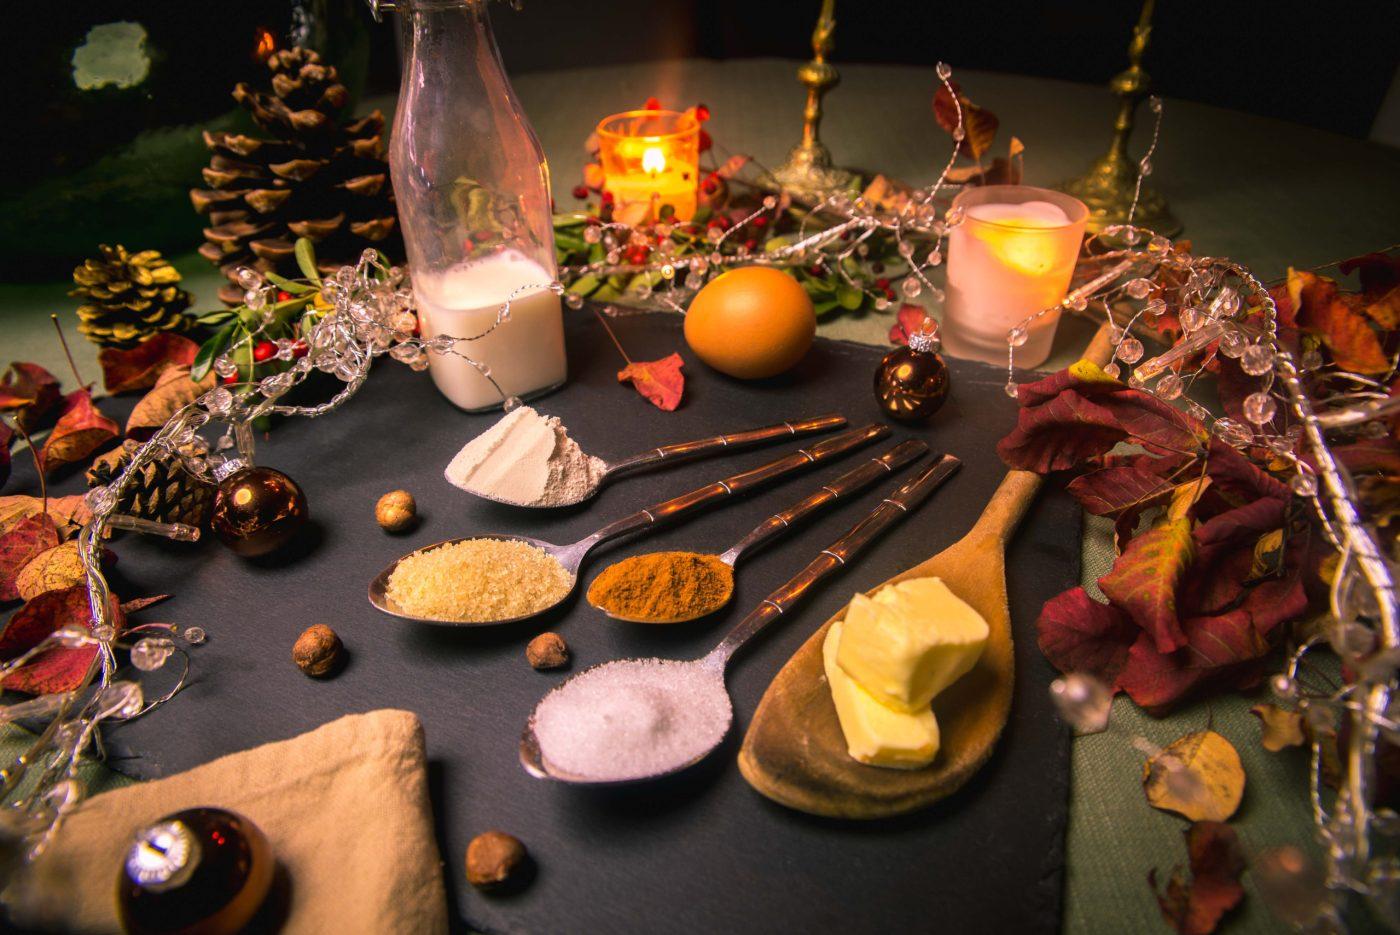 Cinnamon Rolls recette pâtisserie de noël blog voyage